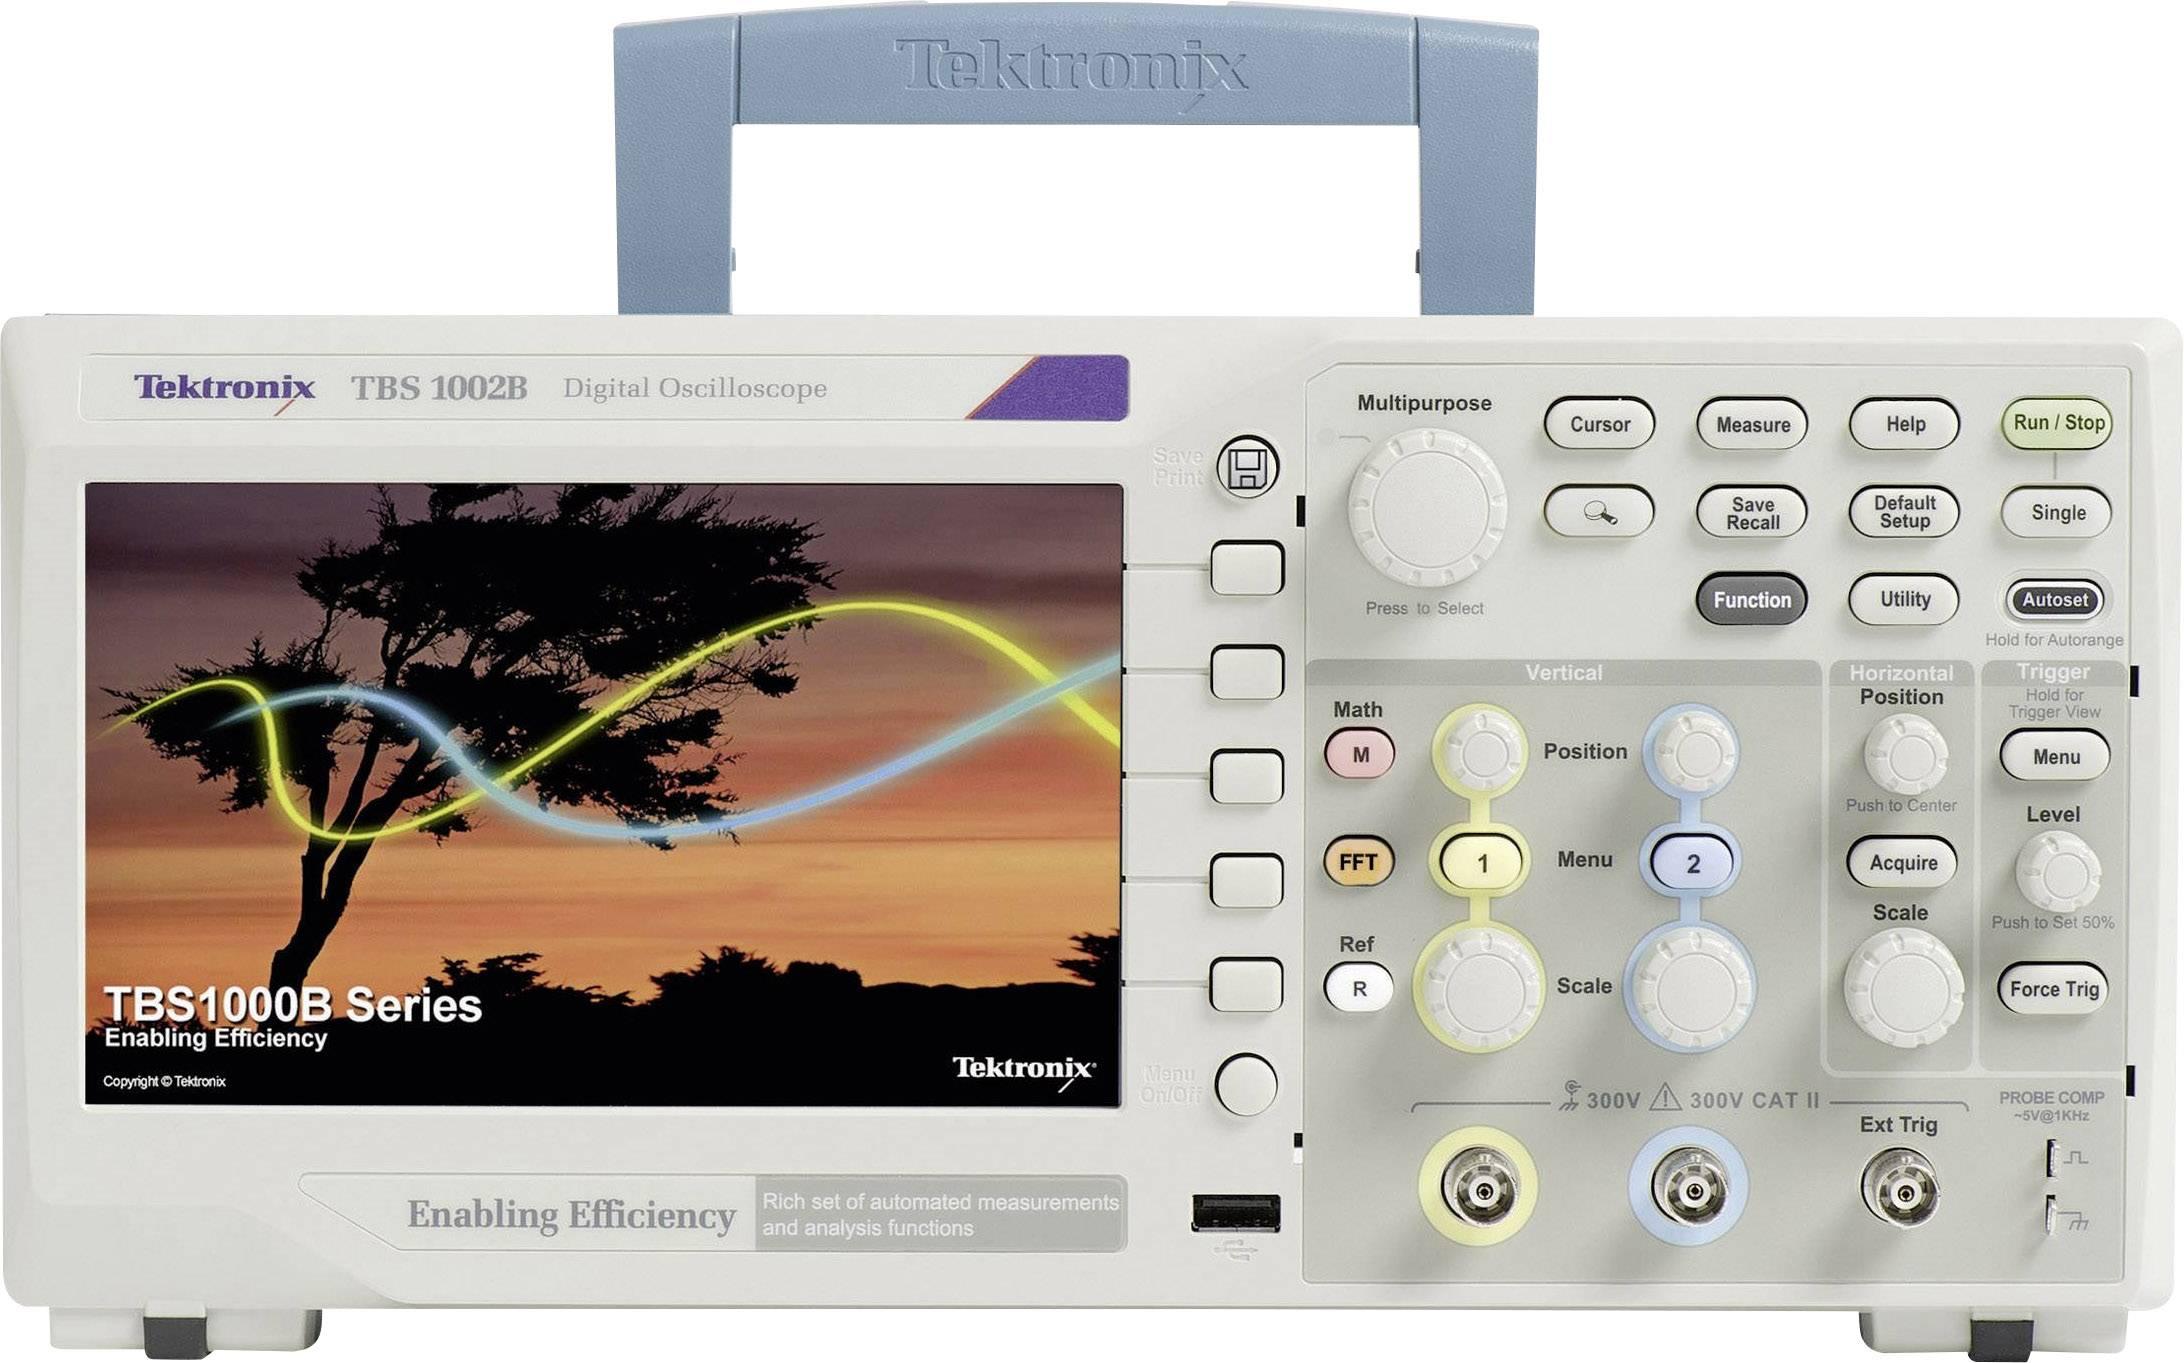 Digitální osciloskop Tektronix TBS1102B, 100 MHz, 2kanálový, kalibrováno dle ISO